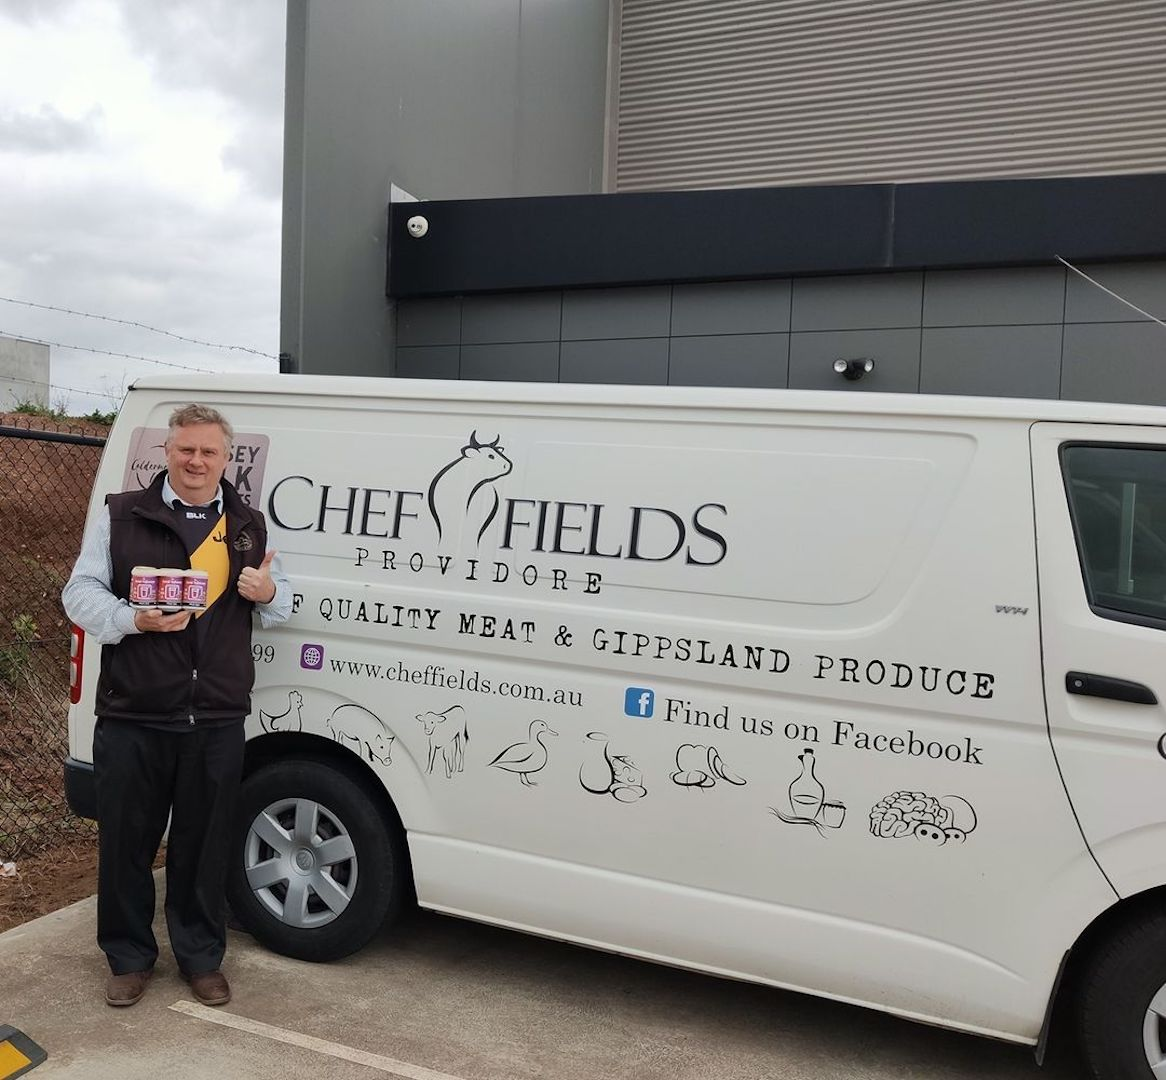 Cheffields Provedore Warragul